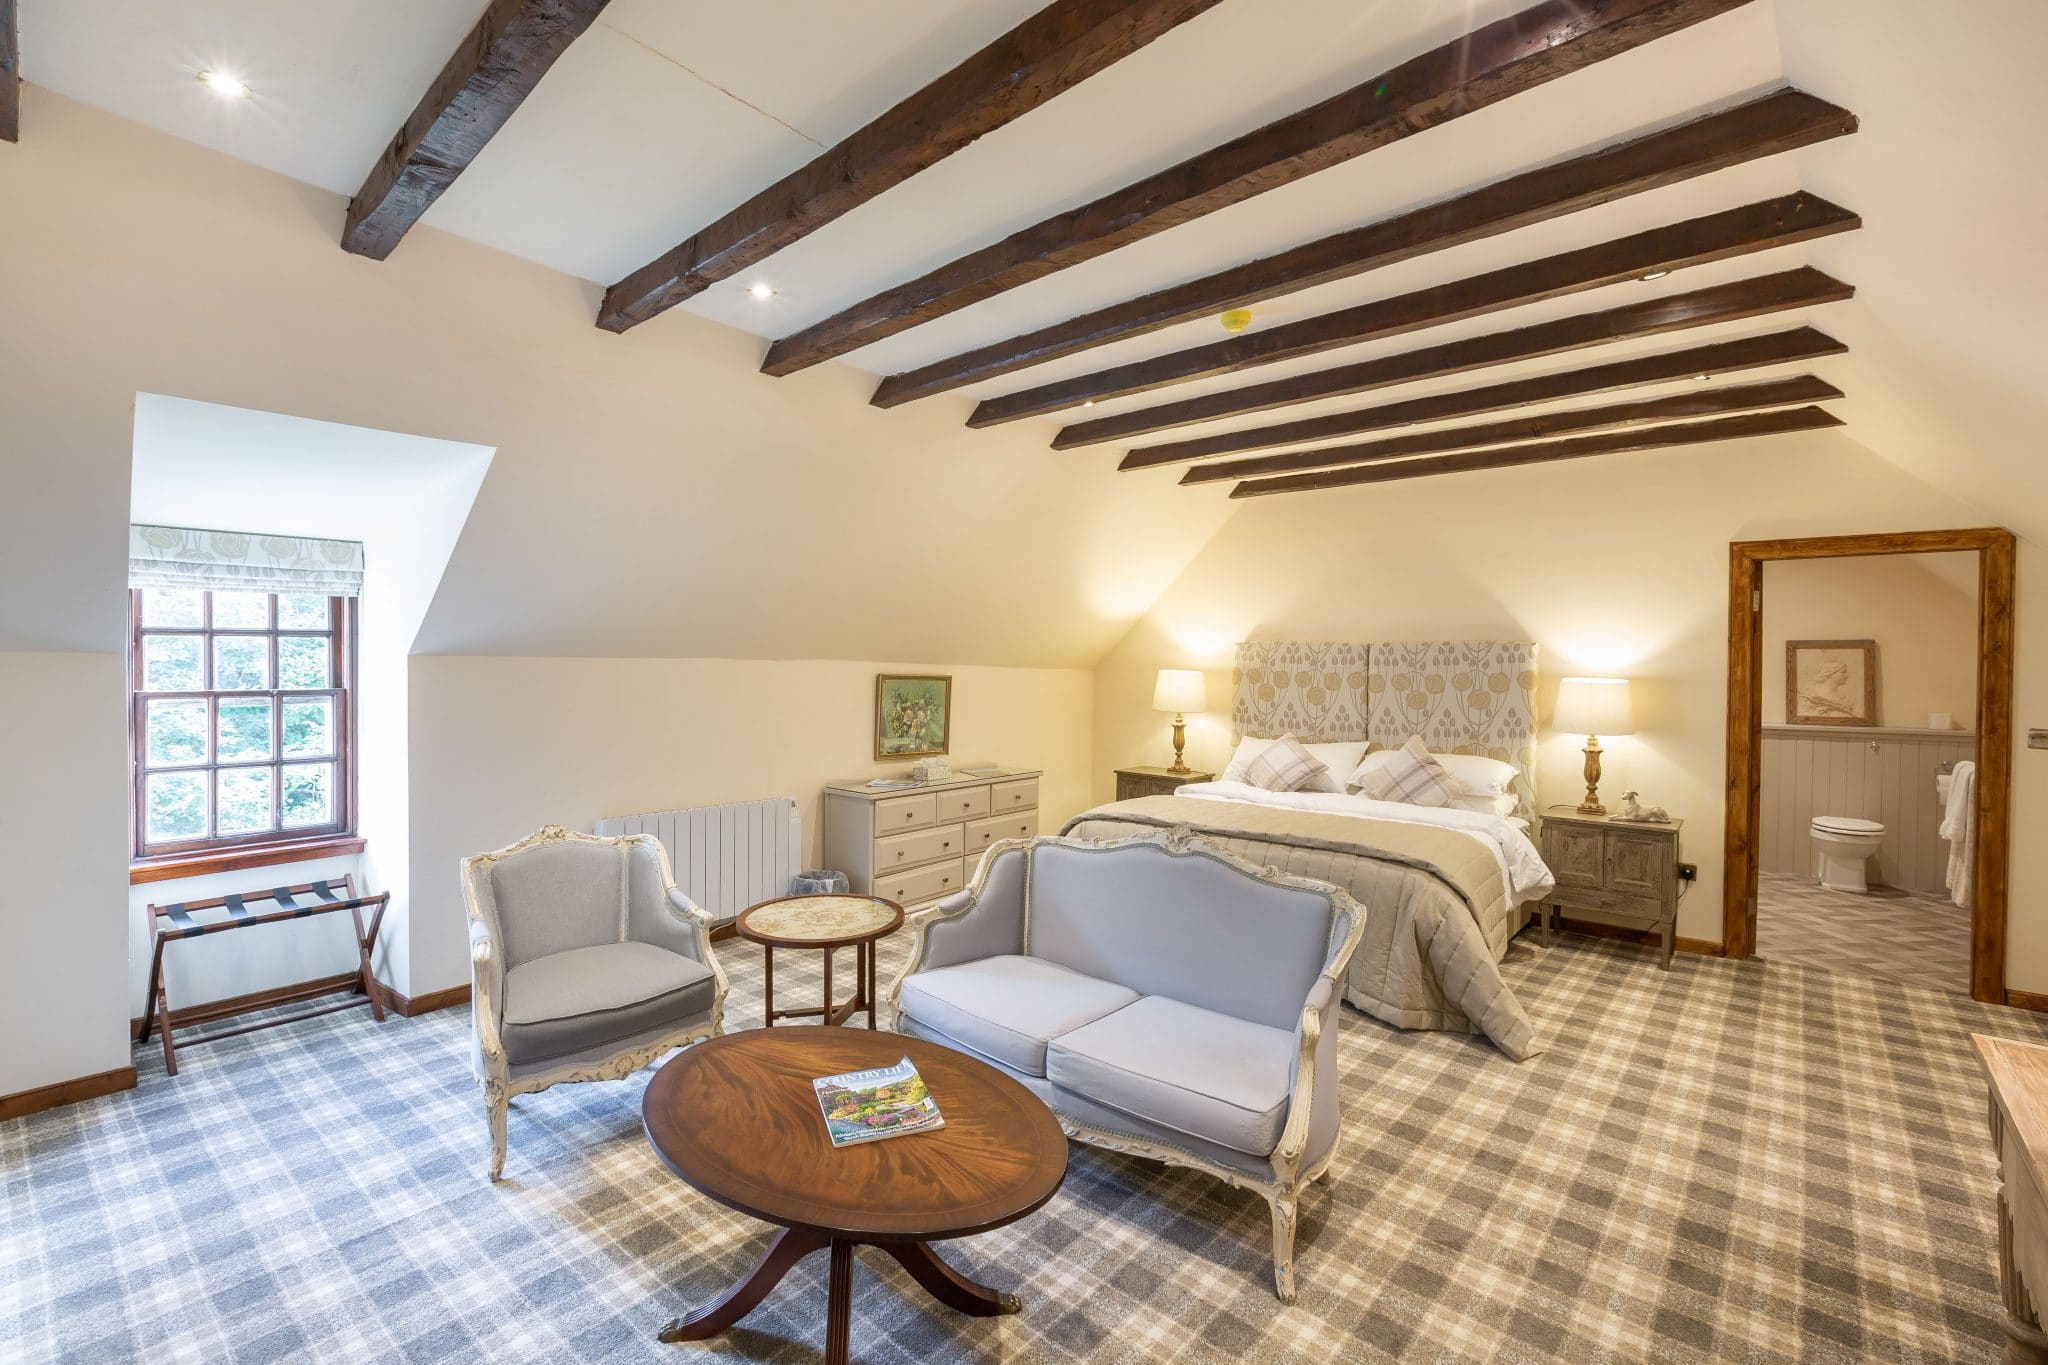 rowallan-castle-bedroom